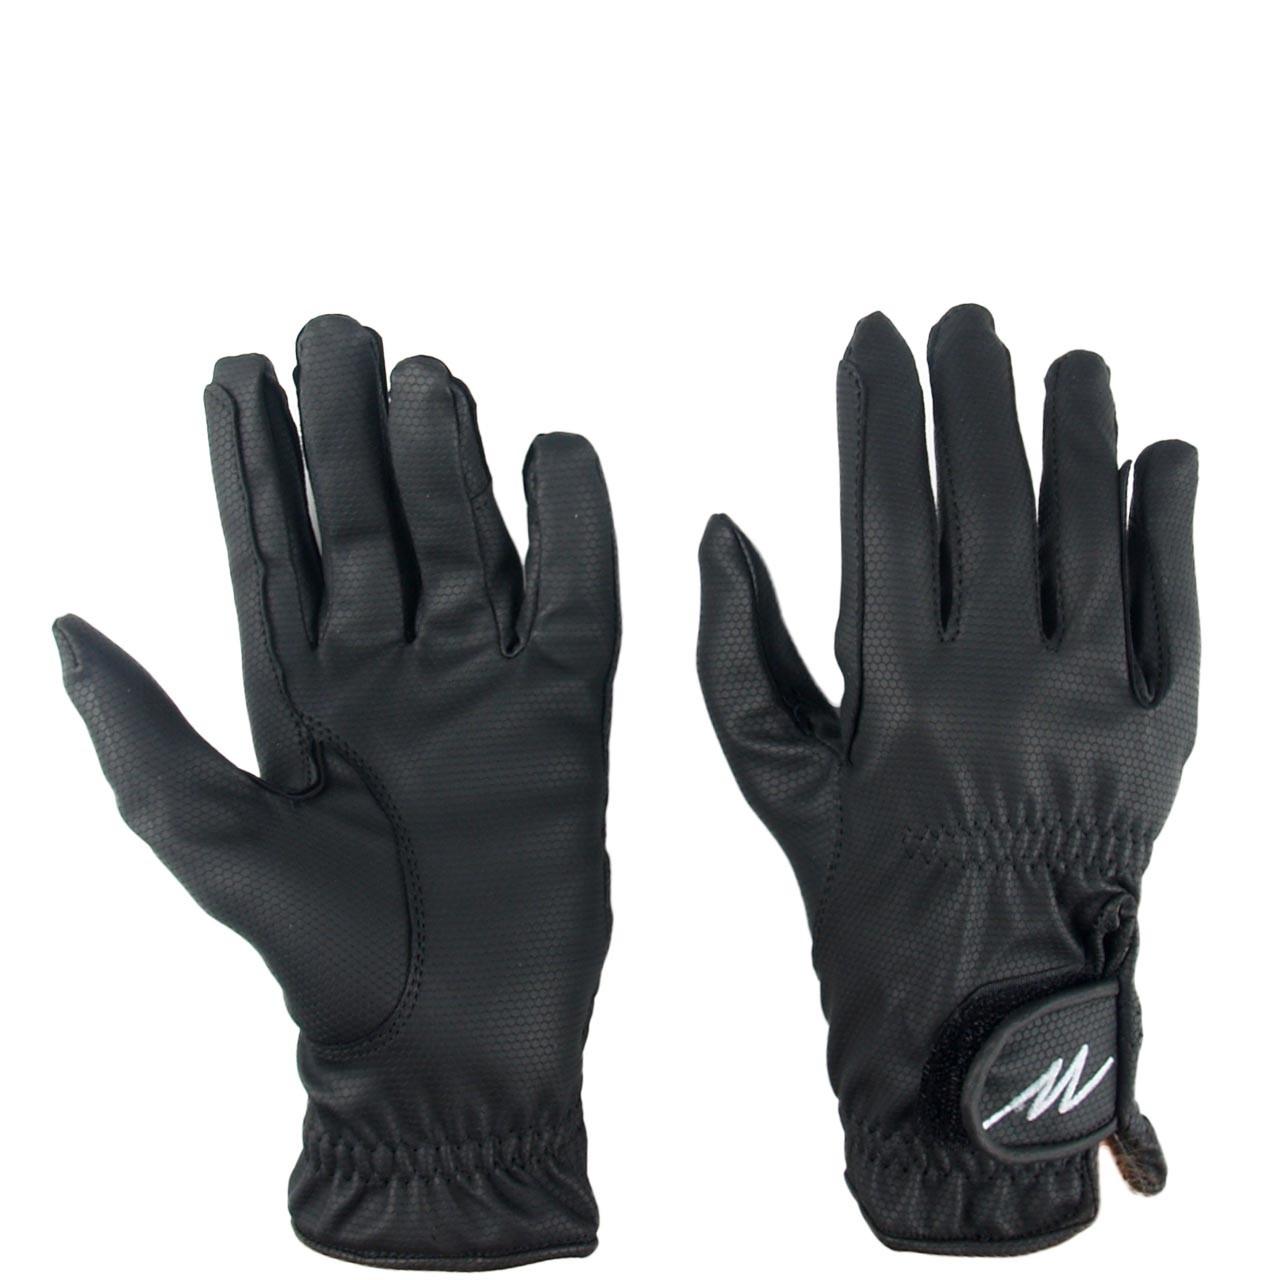 Mondoni Bolivia handschoen zwart maat:6